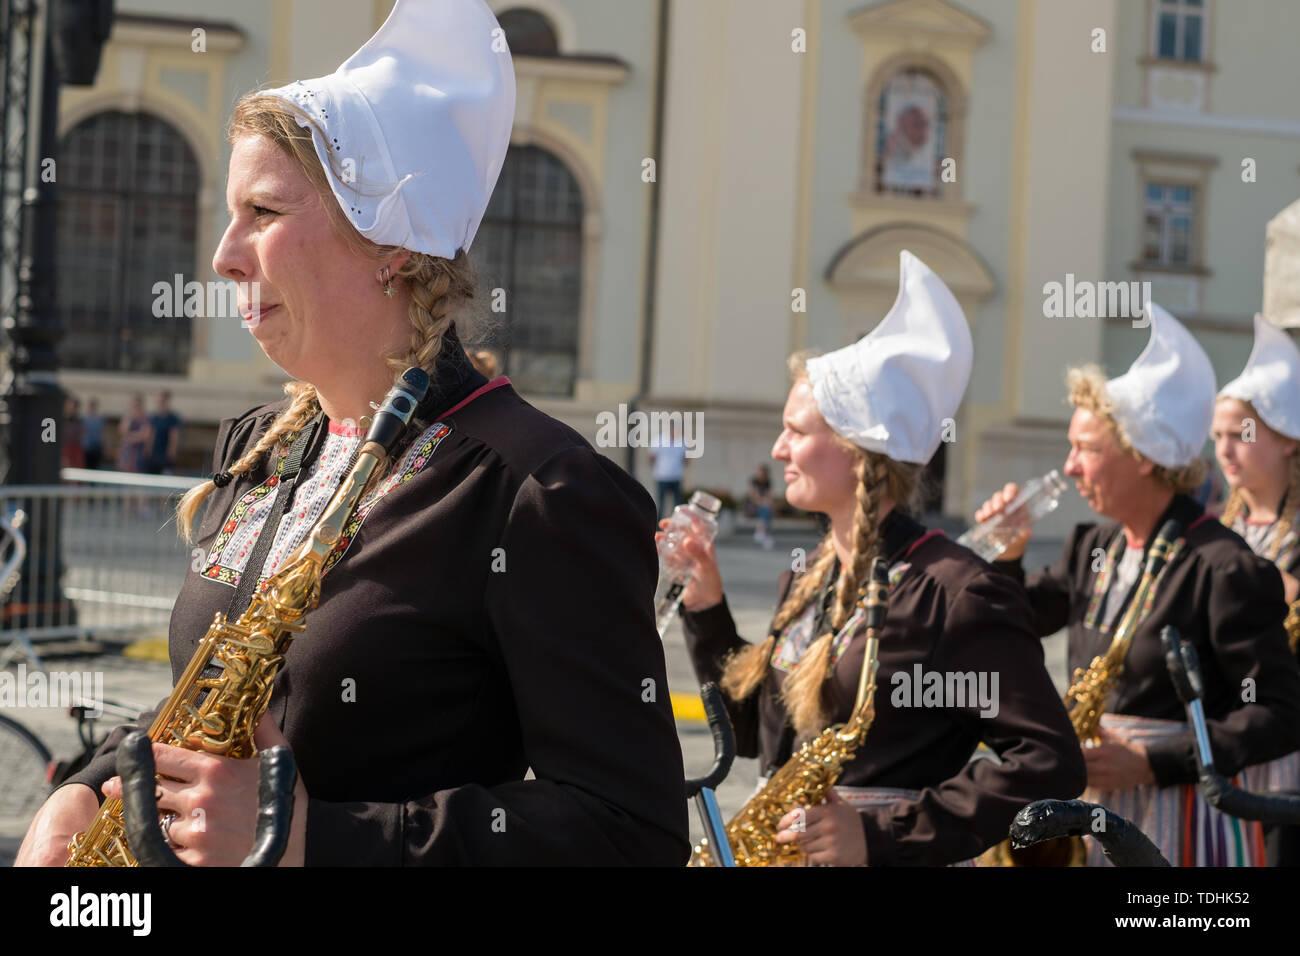 Crescendo Opende banda di bicicletta da Paesi Bassi performanti a Sibiu il Festival Internazionale del Teatro da Sibiu, Immagini Stock